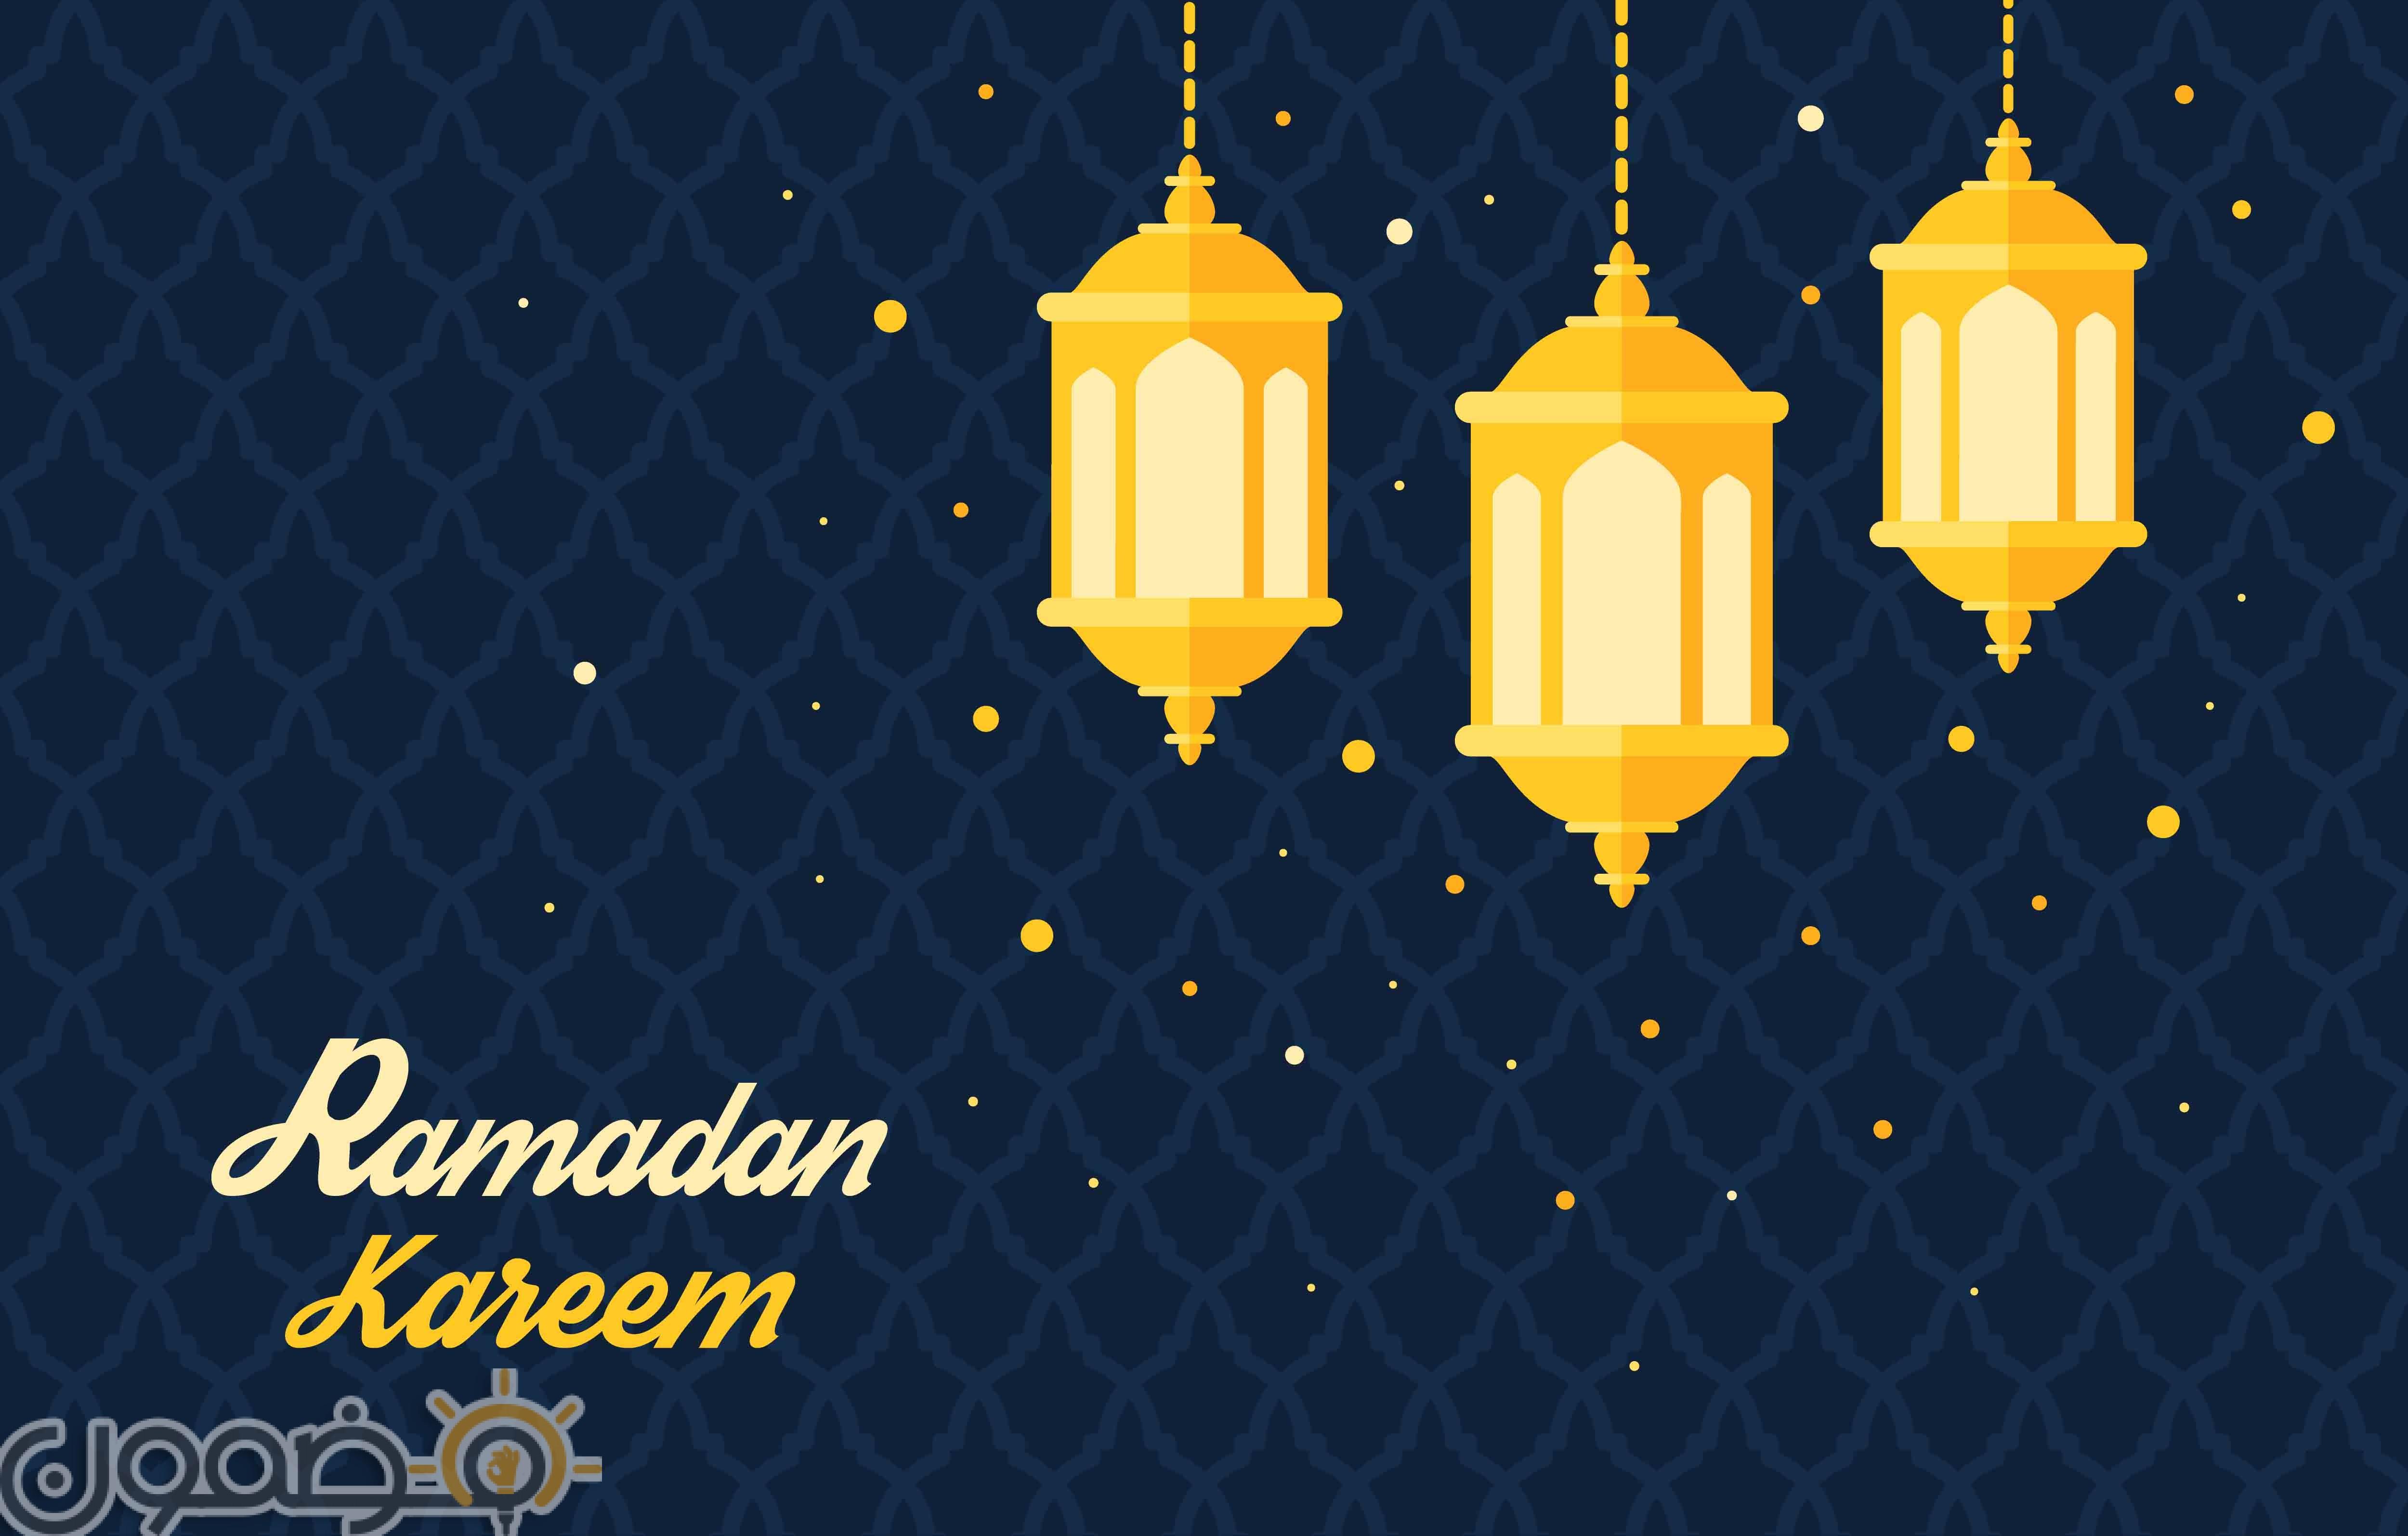 خلفيات رمضان كريم 5 خلفيات رمضان كريم لسطح المكتب